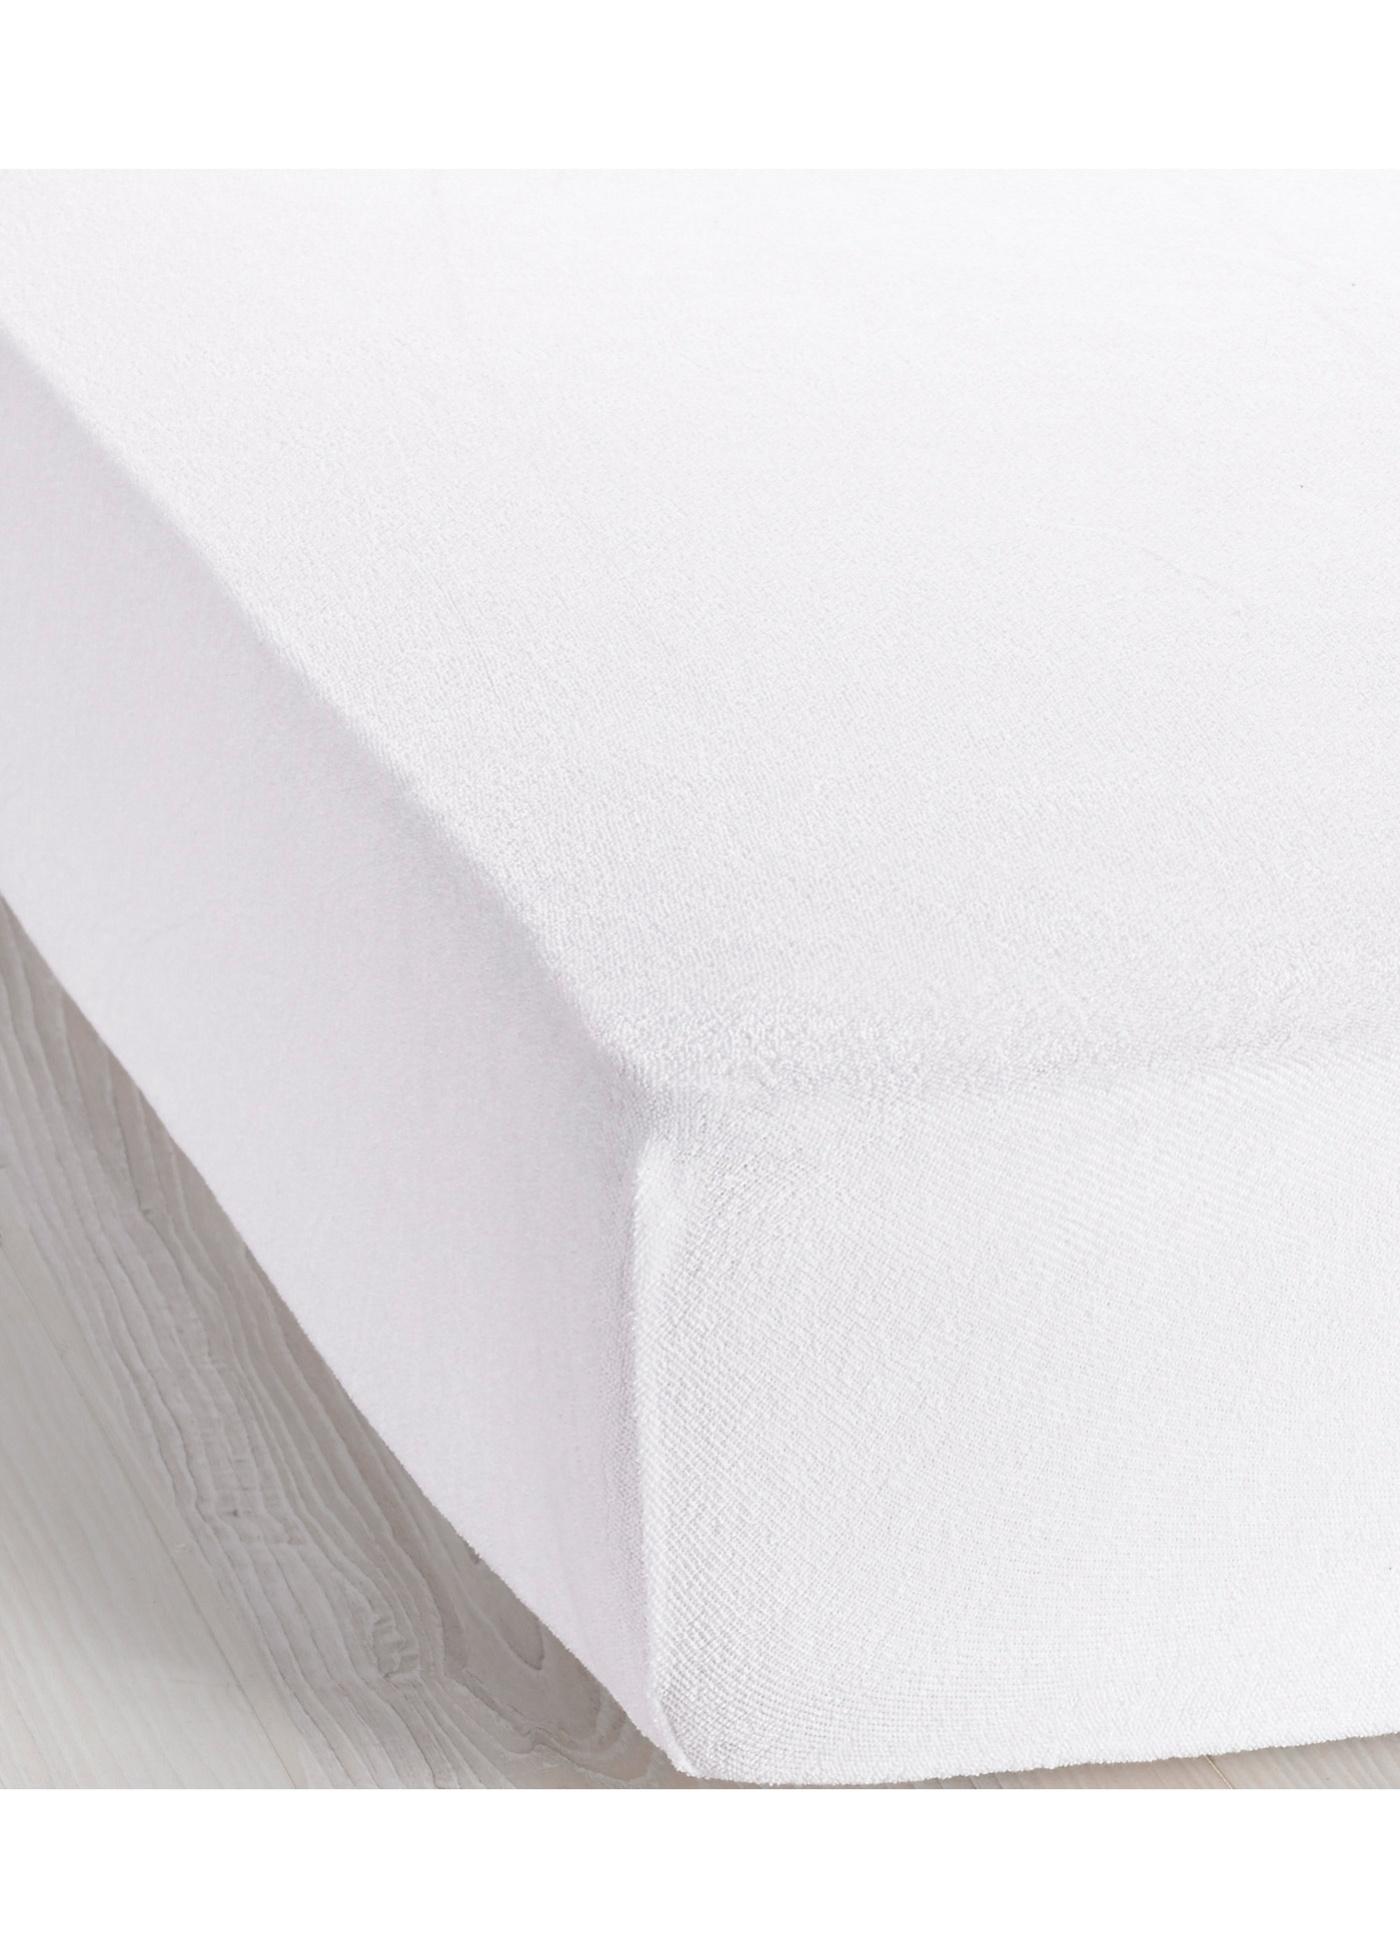 Frottee Spannbettlaken in weiß von bonprix